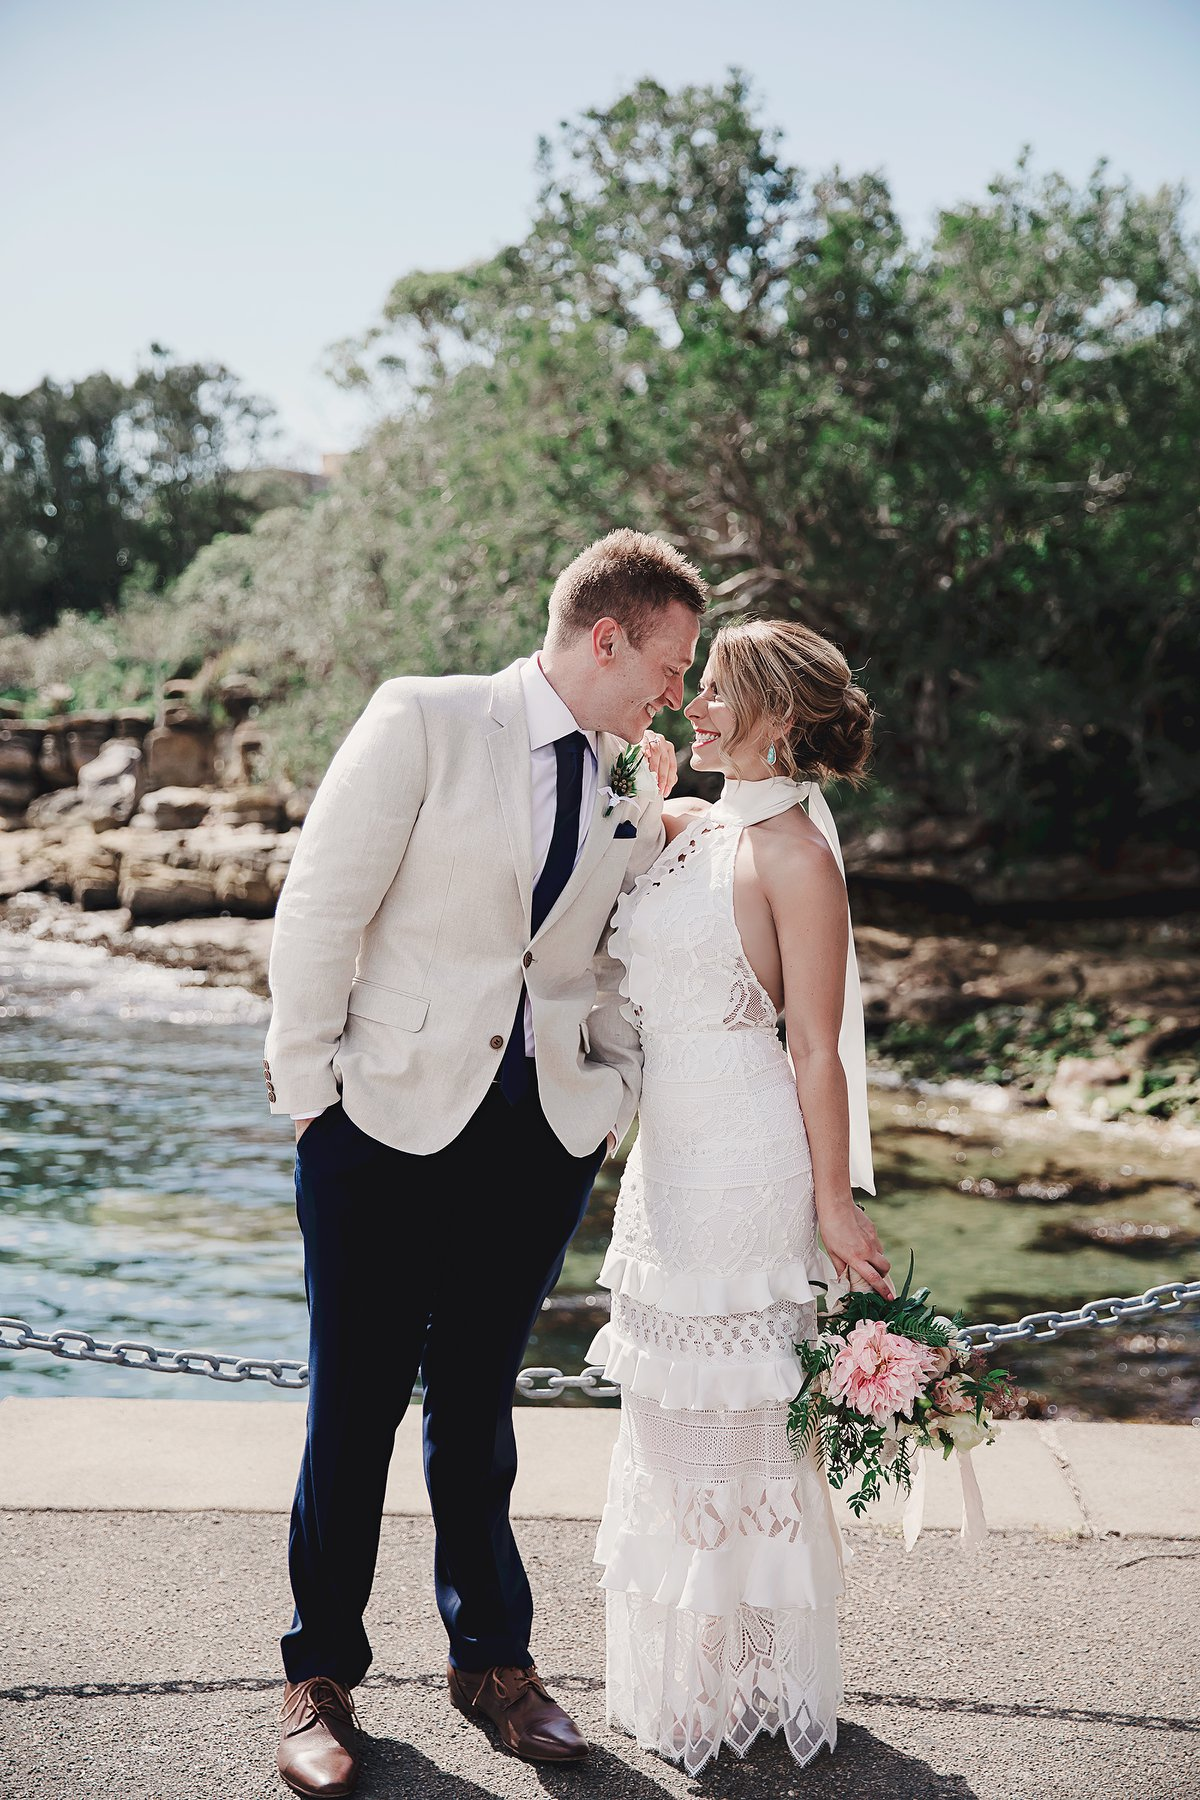 Bride Groom Happy In Love.jpg